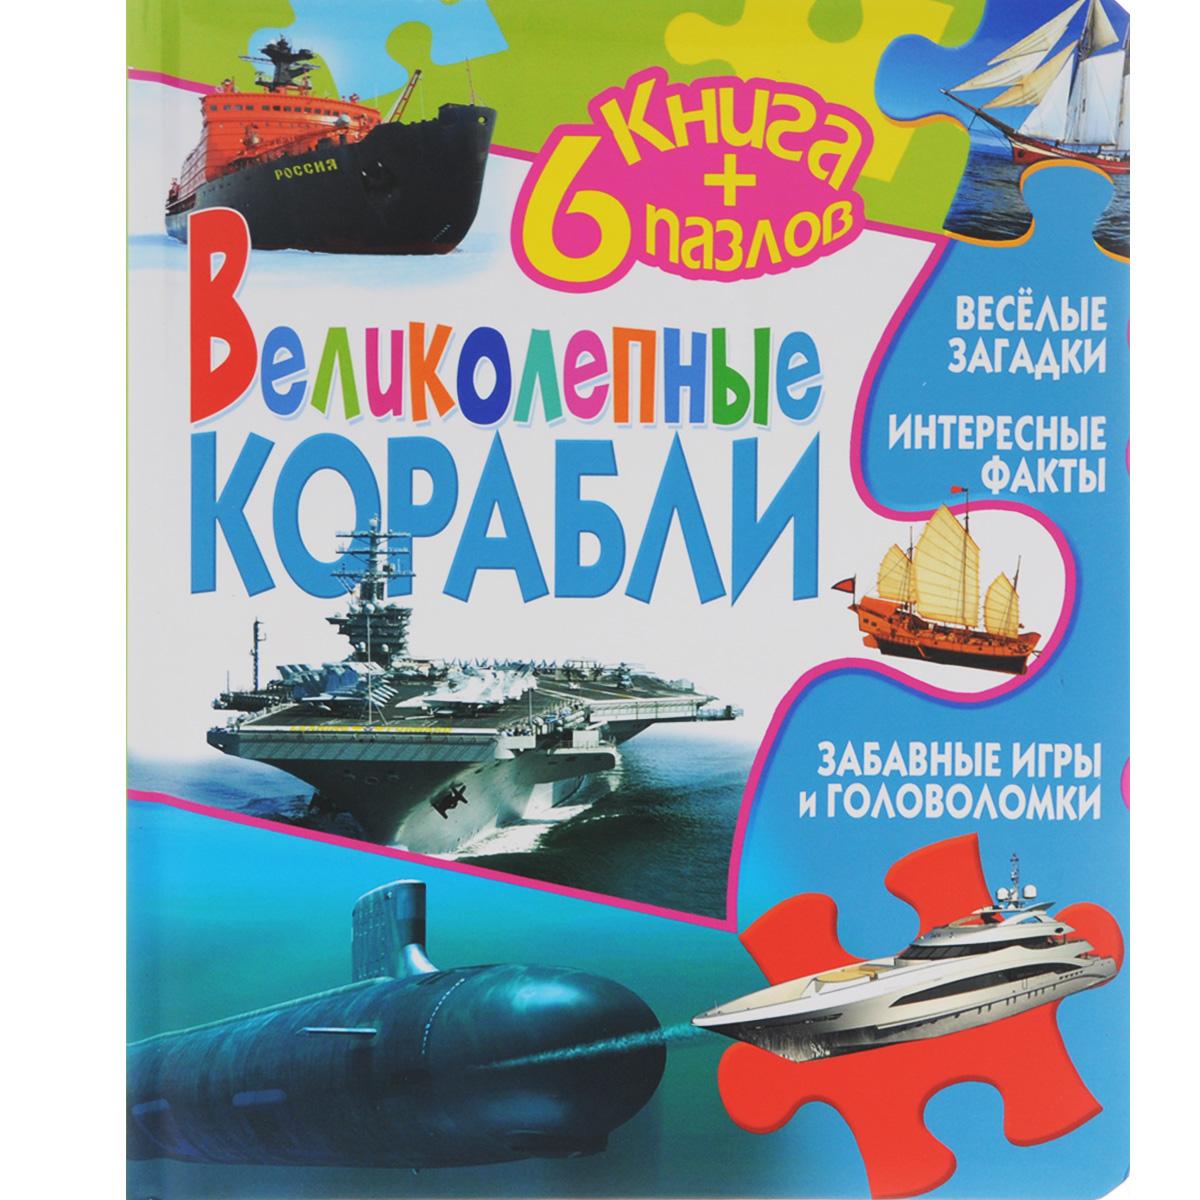 Великолепные корабли